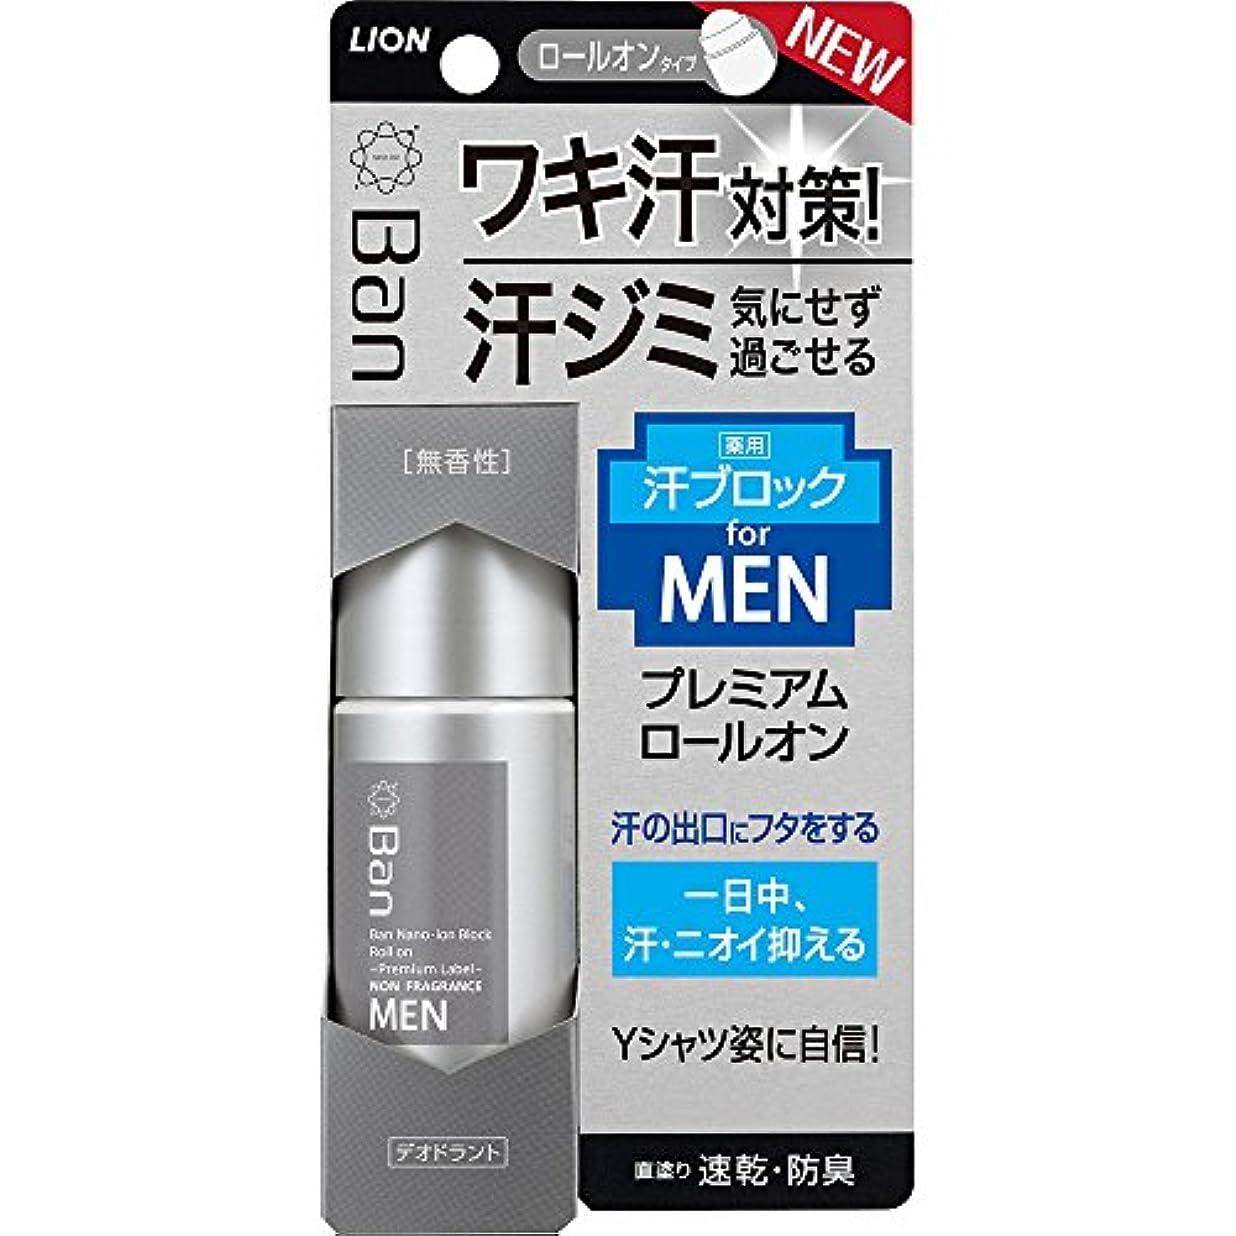 脚本マント補償Ban(バン) 汗ブロックロールオン プレミアムラベル 男性用 無香性 40ml(医薬部外品)